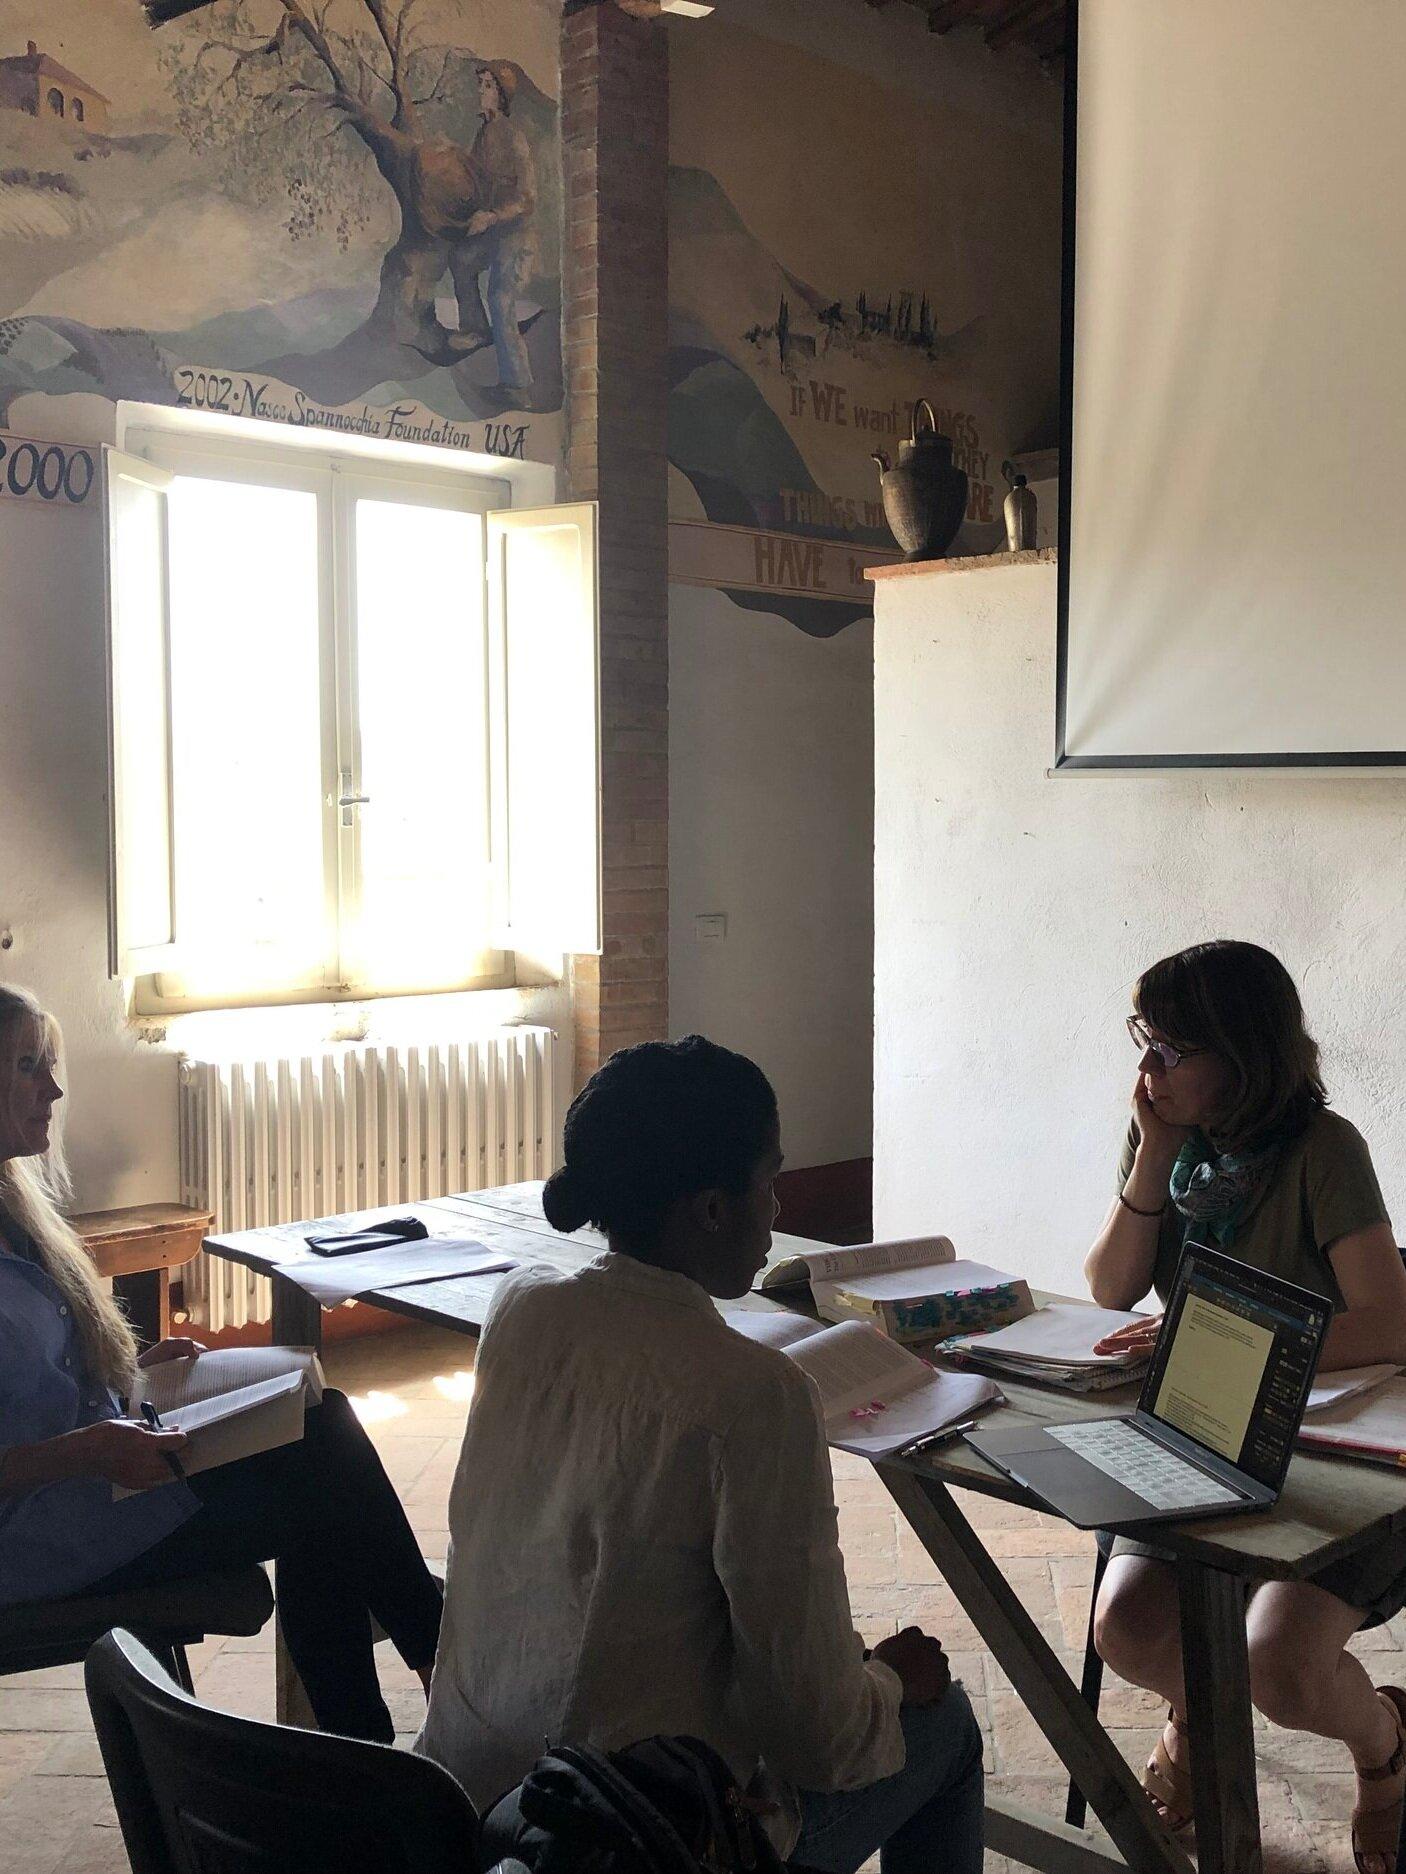 Workshop with IDSVA Director, Simonetta Moro. June 2019